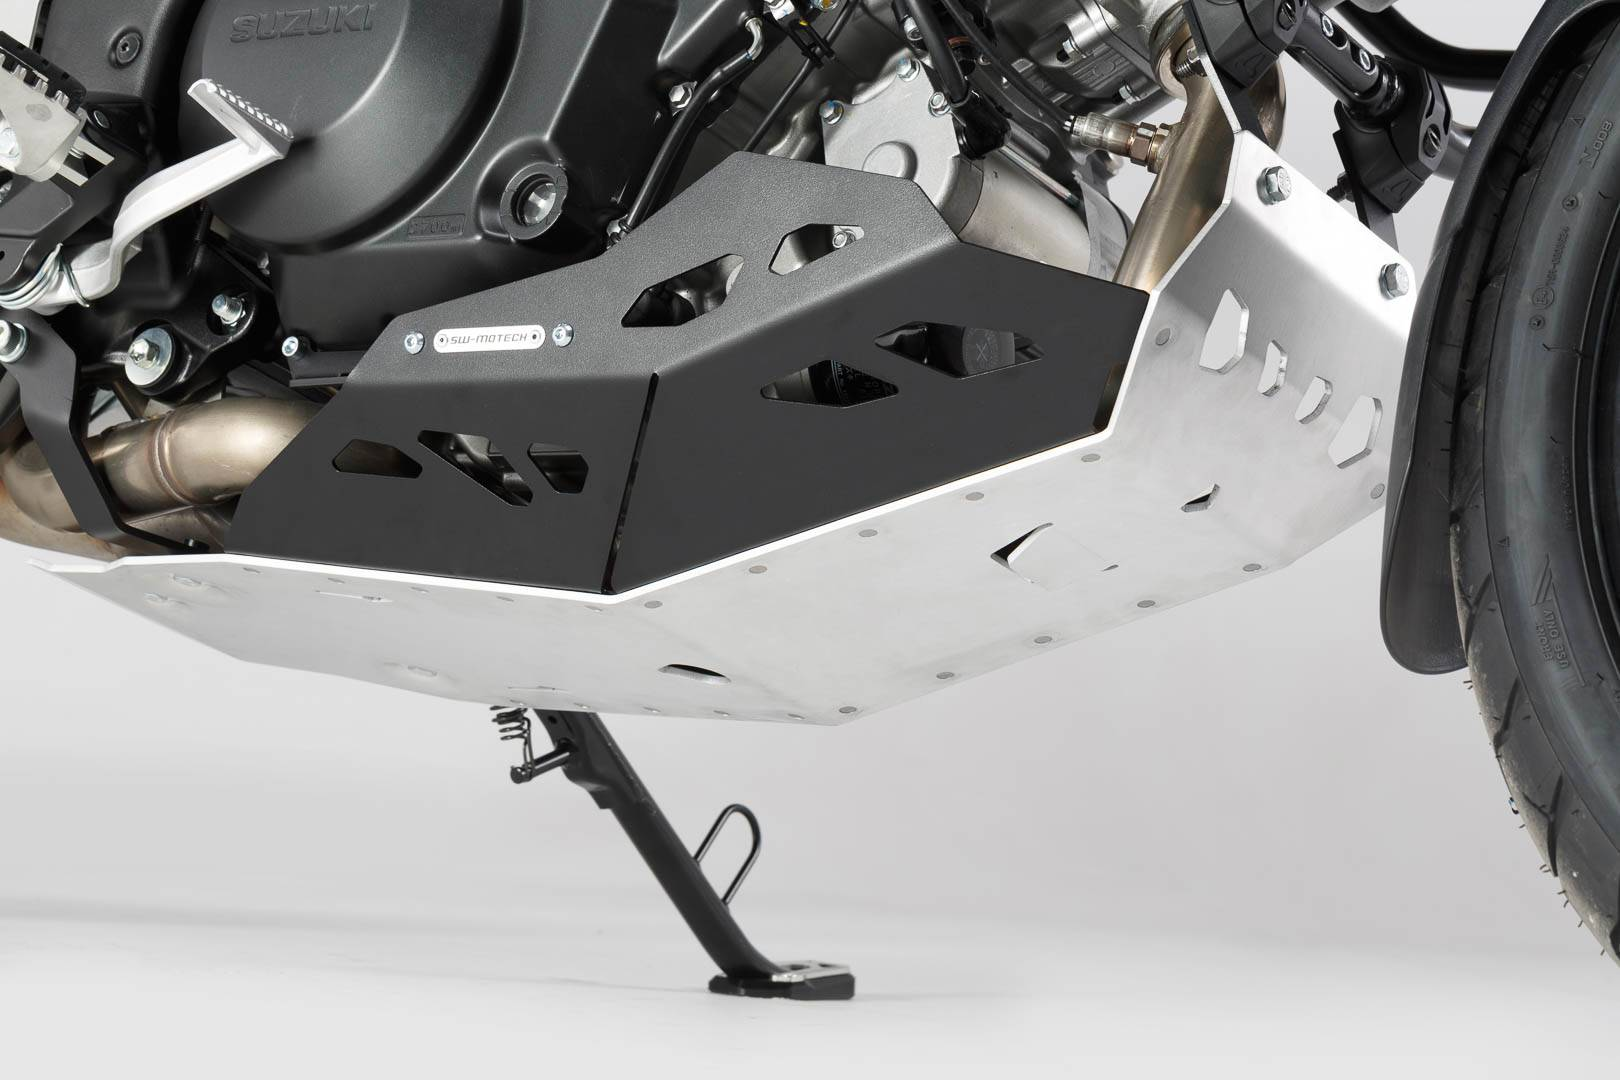 SW-Motech Sabot moteur - Noir/Gris. Pour V-Strom 1000 avec crashbar. taille : unique taille